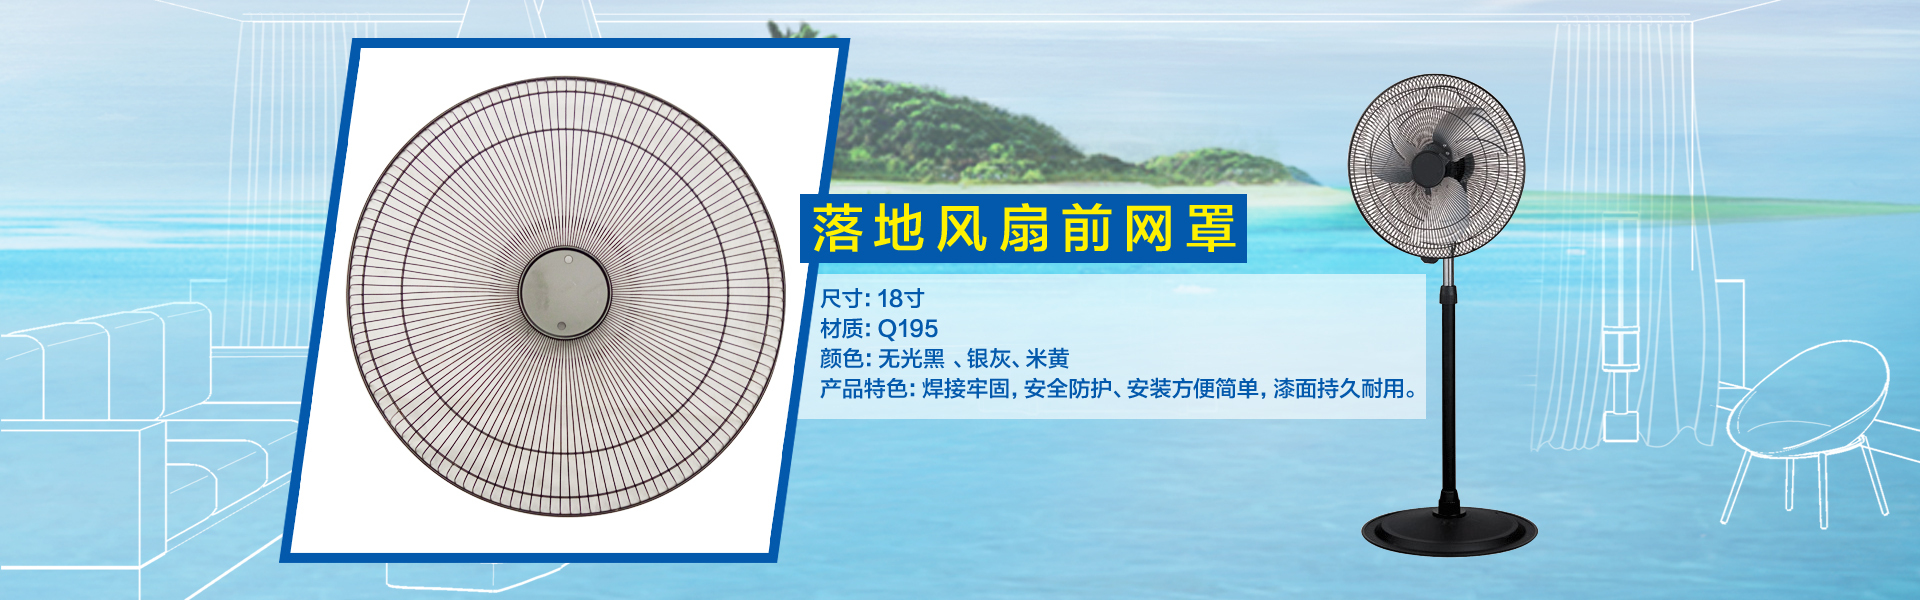 德慶偉業五金制造有限公司主營業務為生產經銷批發風扇、風機網罩、鐵線制品!